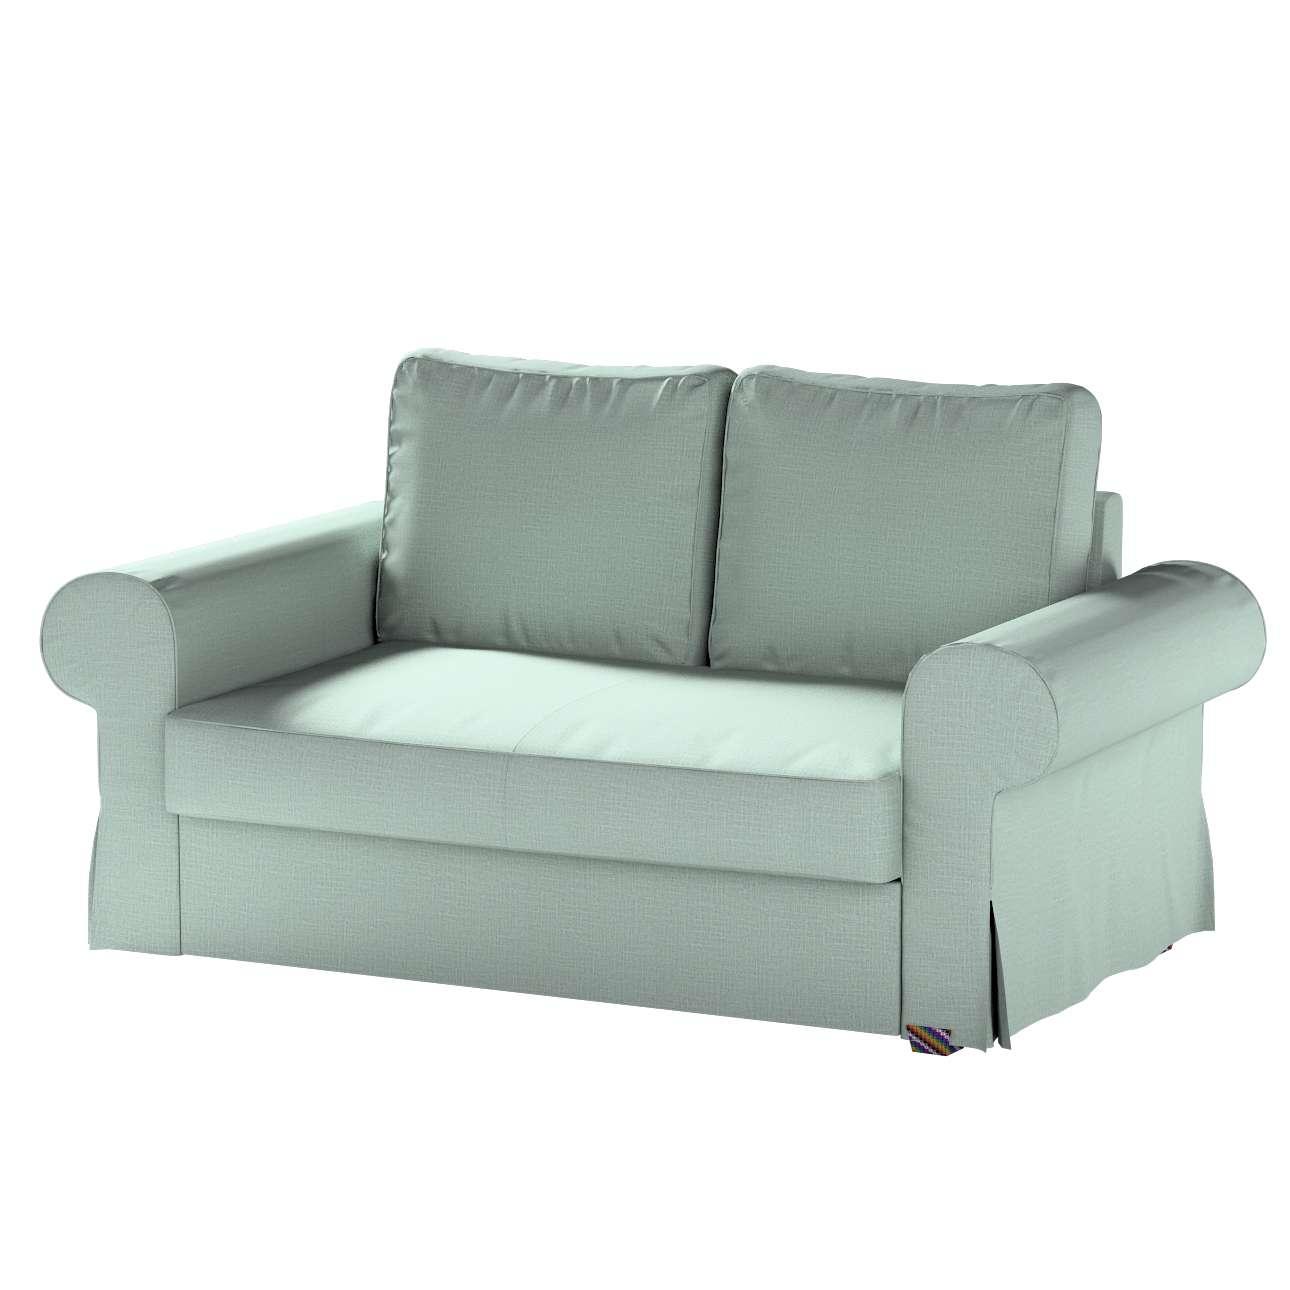 Pokrowiec na sofę Backabro 2-osobową rozkładaną w kolekcji Living II, tkanina: 160-86